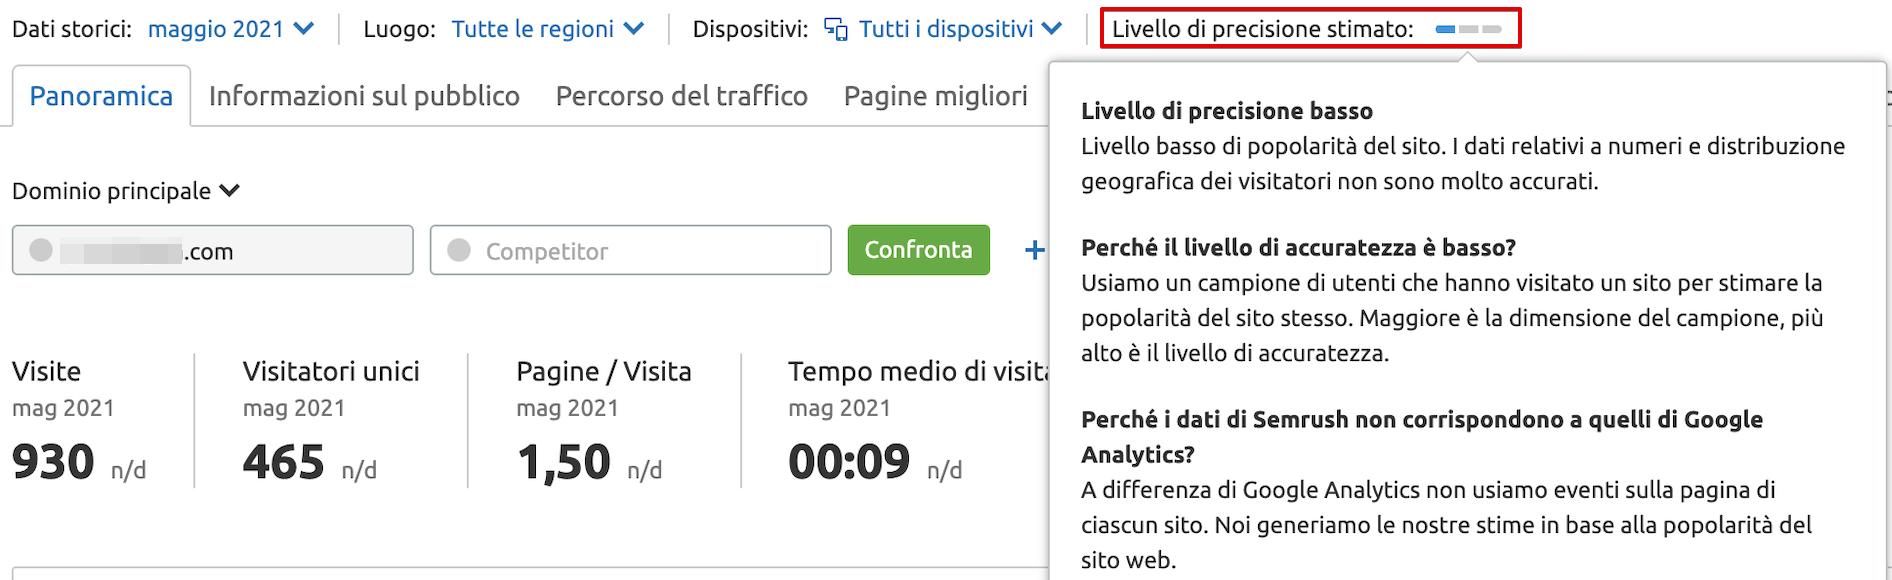 Perché in Analisi traffico i dati relativi al sito web che ho inserito sono limitati o assenti? image 1